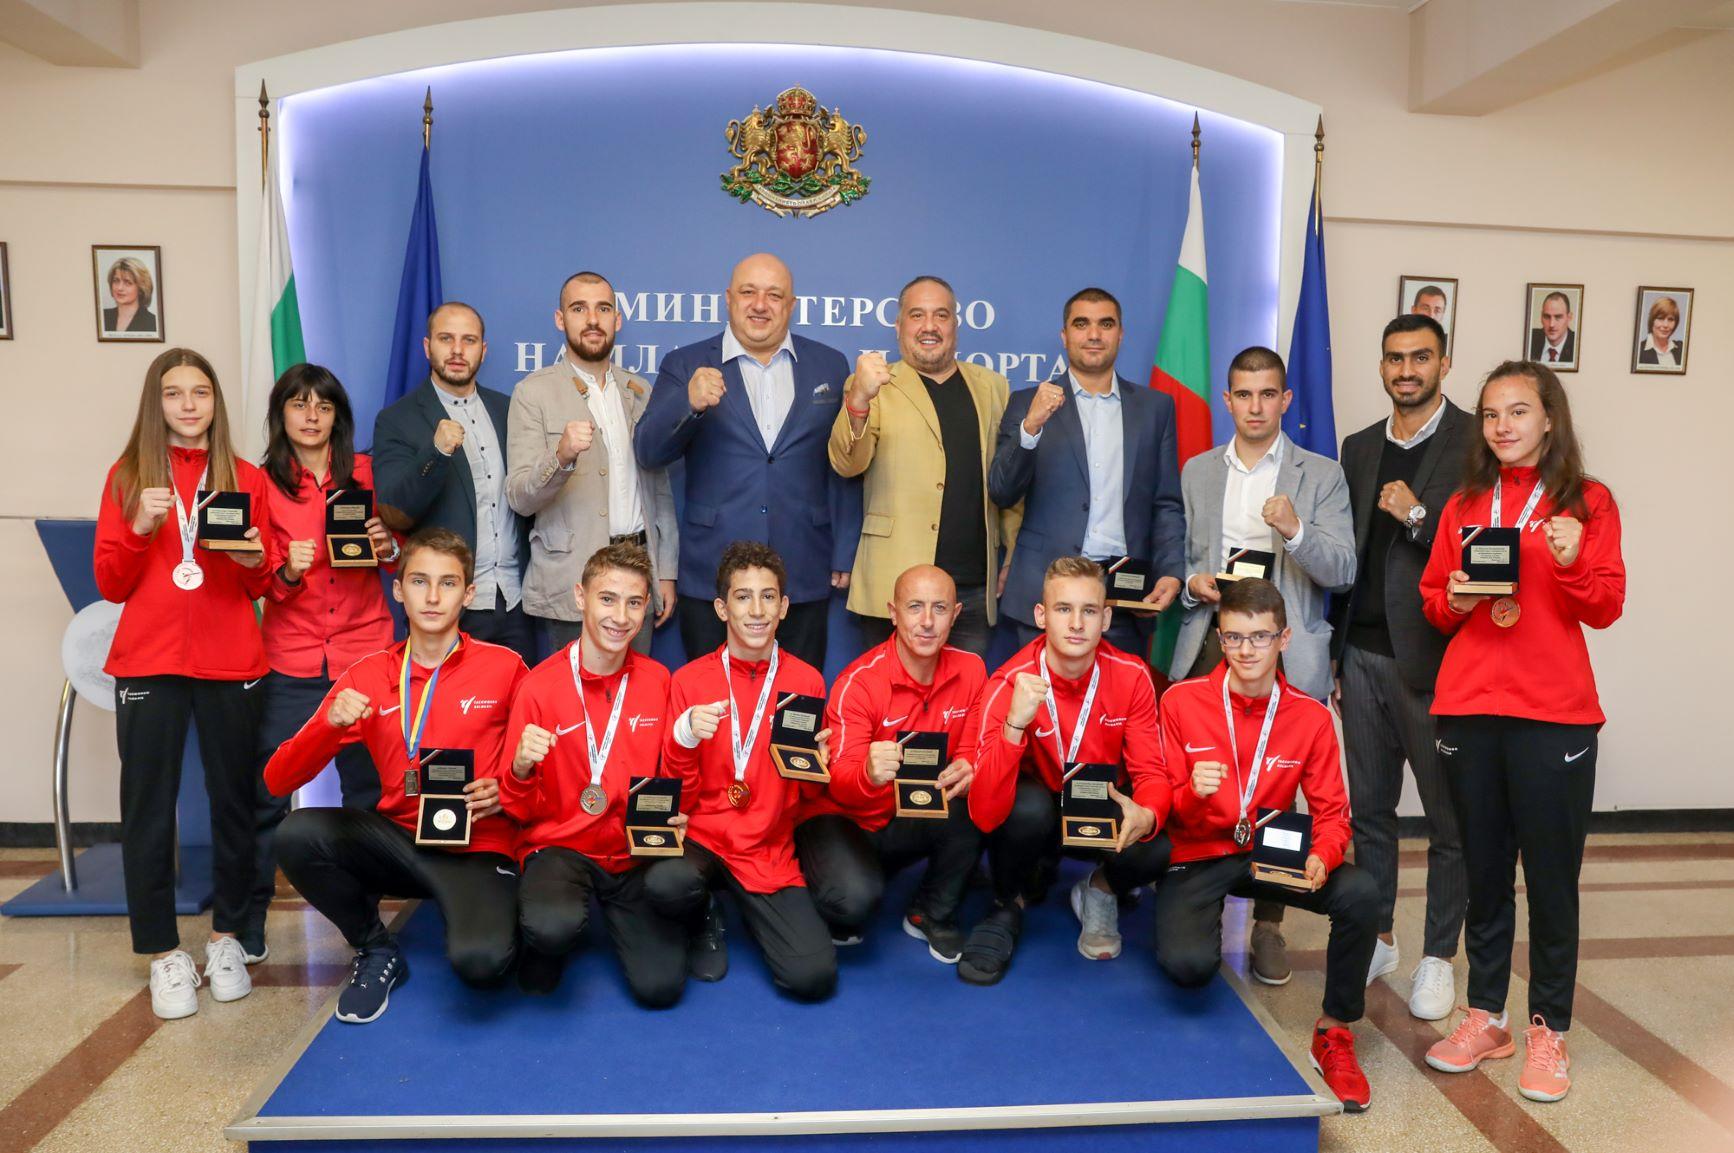 Министър Кралев награди медалистите от Европейски първенства по таекуондо